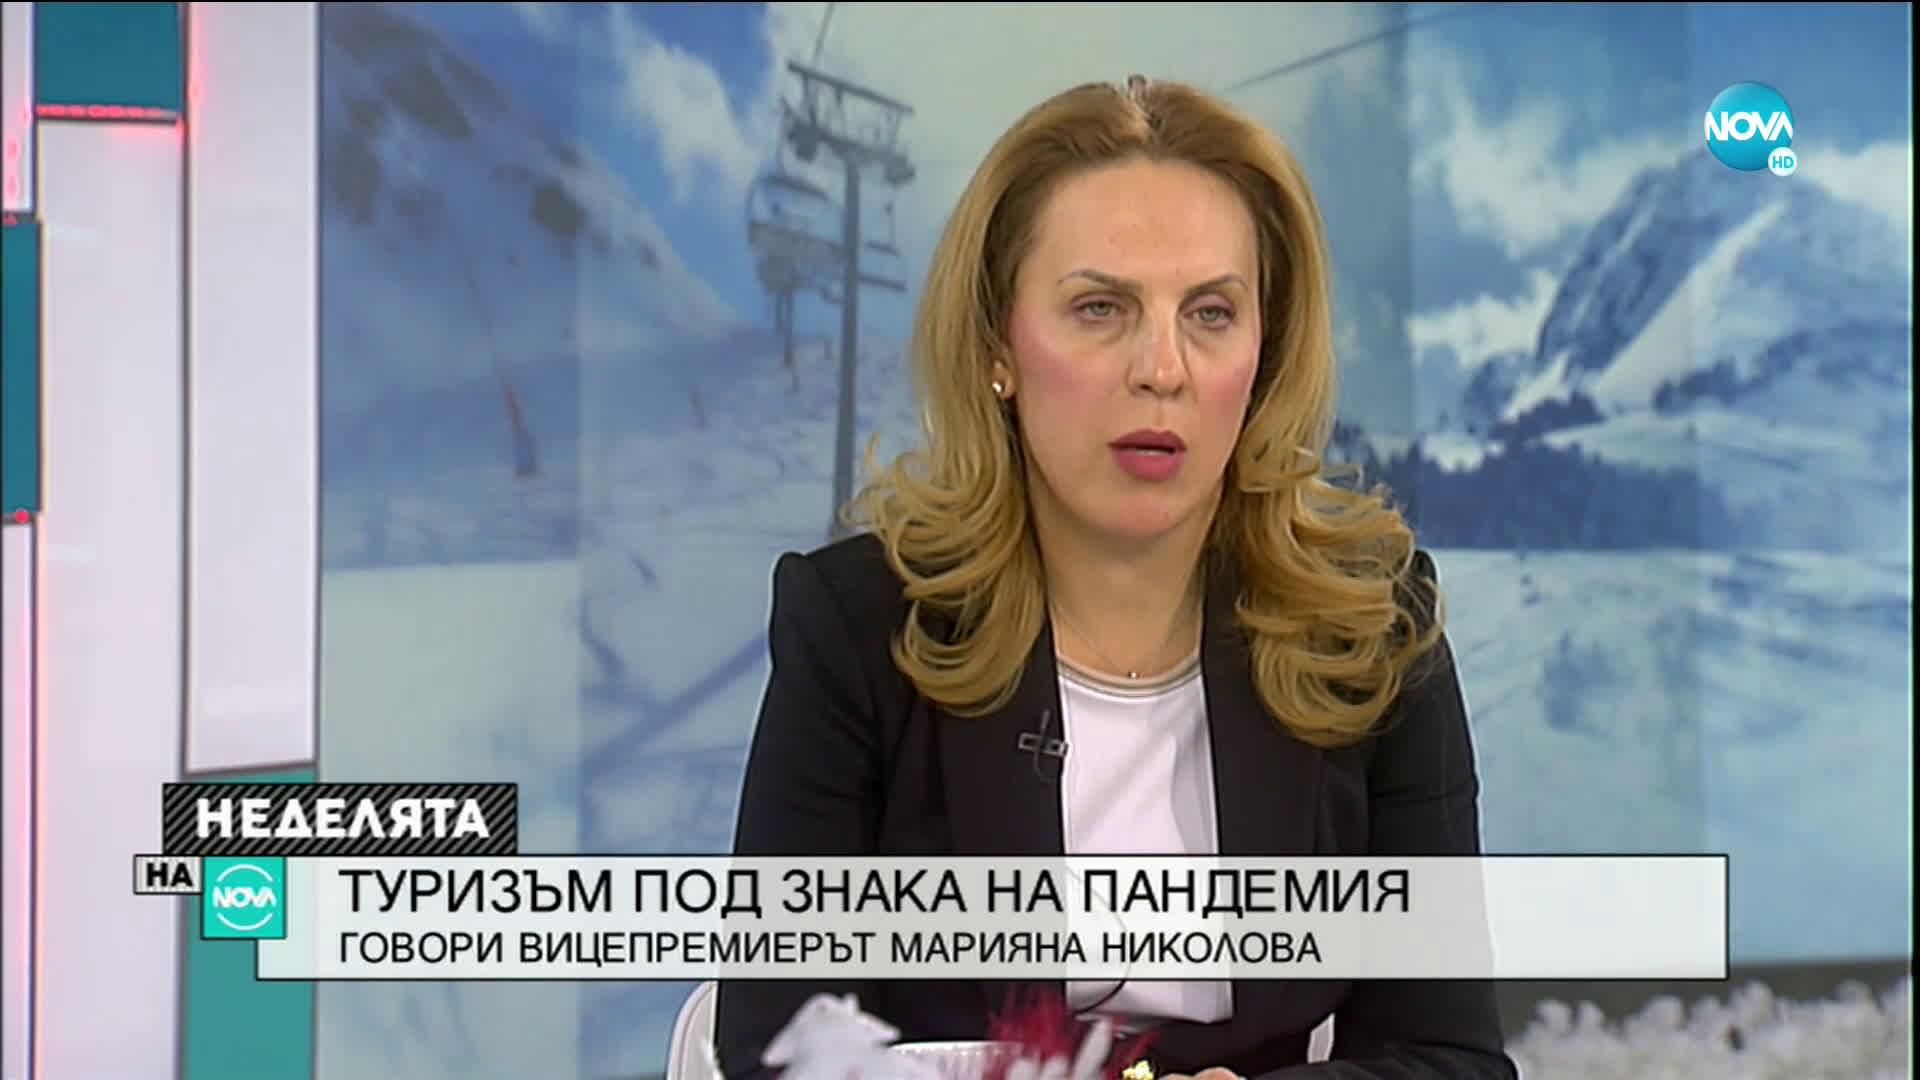 Николова: Този туристически сезон ще бъде различен и с безпрецедентни мерки